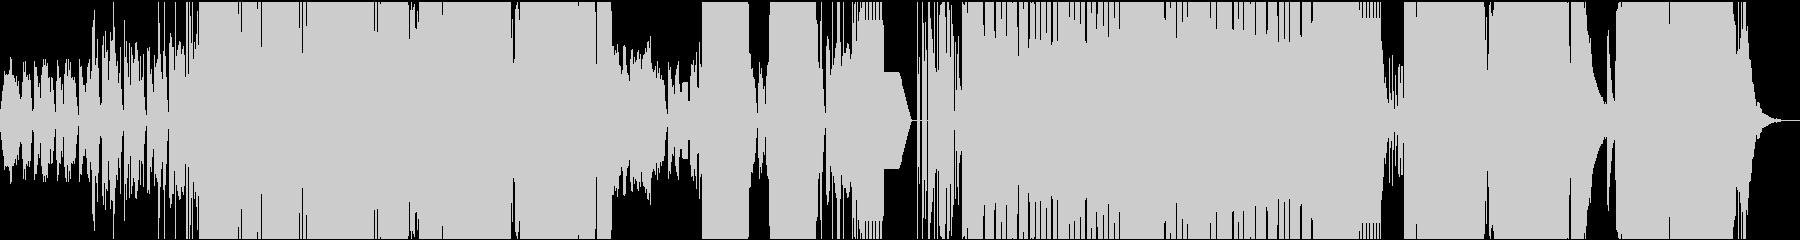 ベースとDJスクラッチによるダンスBGMの未再生の波形